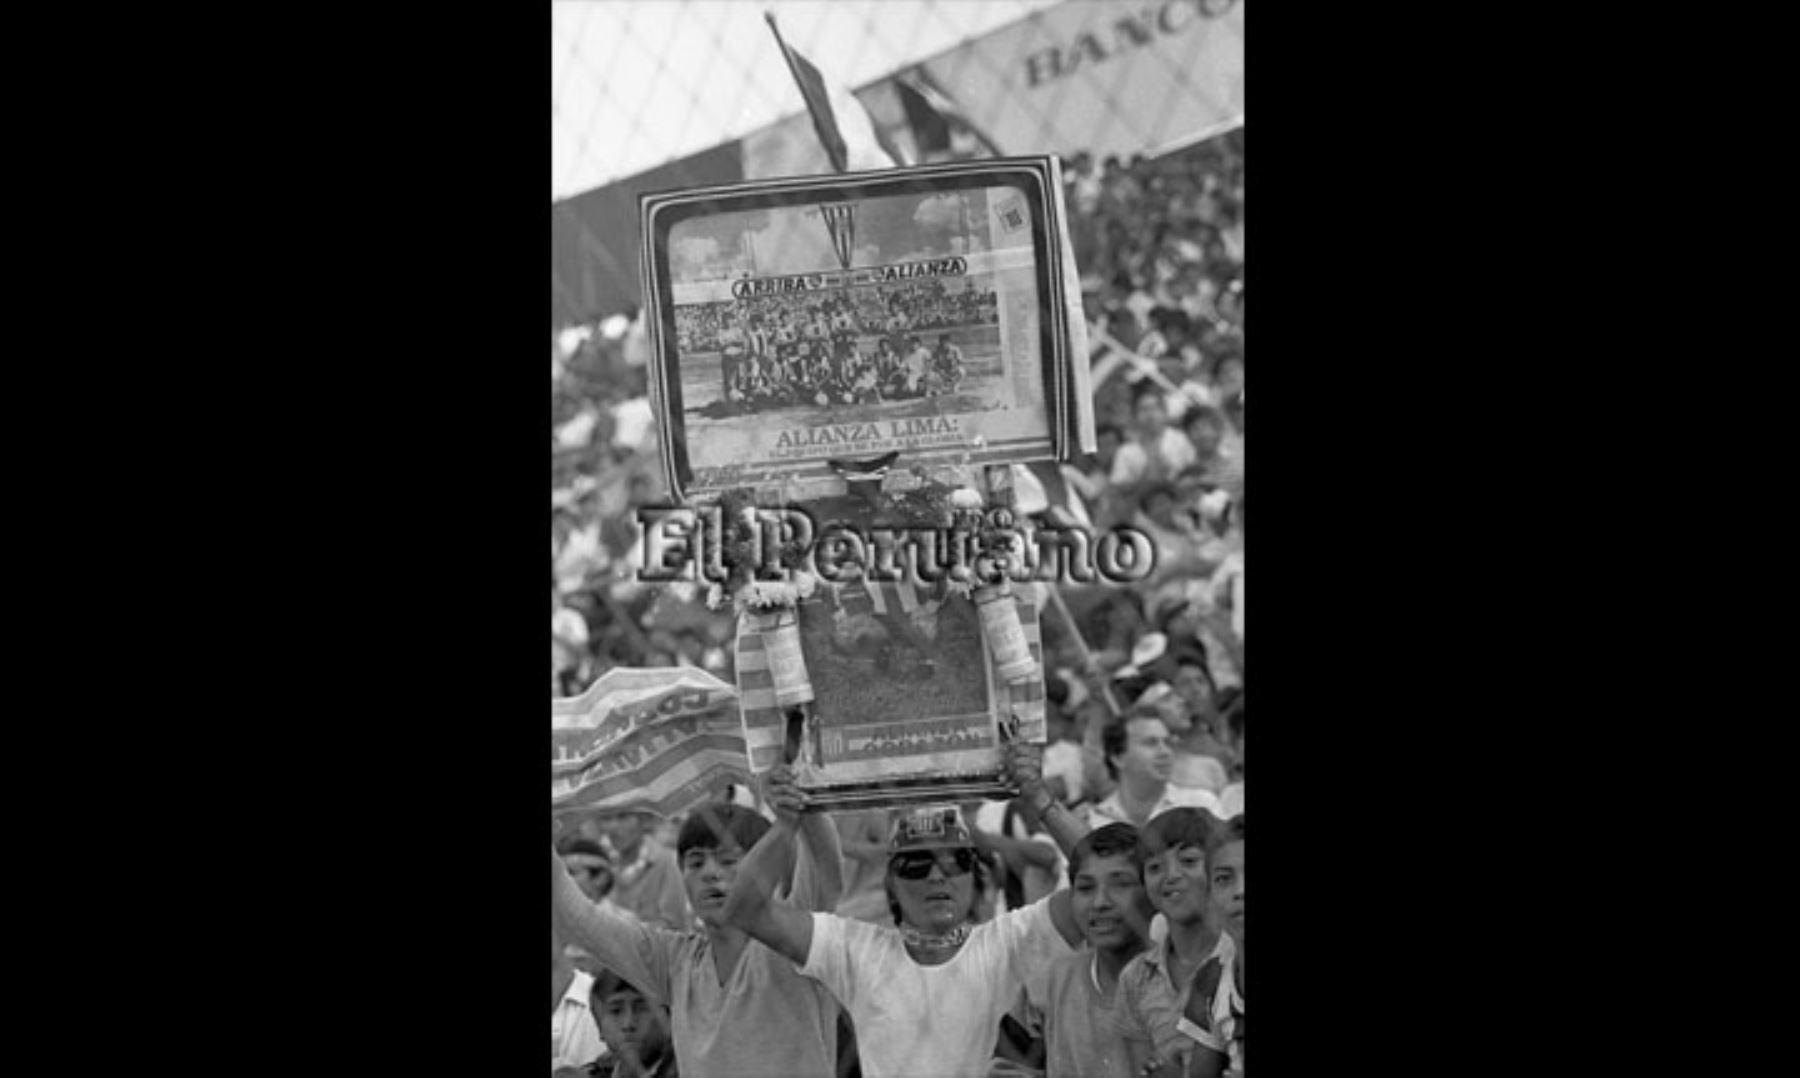 Lima - 17 diciembre 1987 / Un hincha de Alianza Lima portando imágenes de sus ídolos en el estadio Alejandro Villanueva. Alianza e Independiente de Avellaneda jugaron un partido internacional amistoso a beneficio de las víctimas del accidente aéreo donde desapareció el plantel principal del club íntimo.  Foto: ARCHIVO HISTORICO DE EL PERUANO.